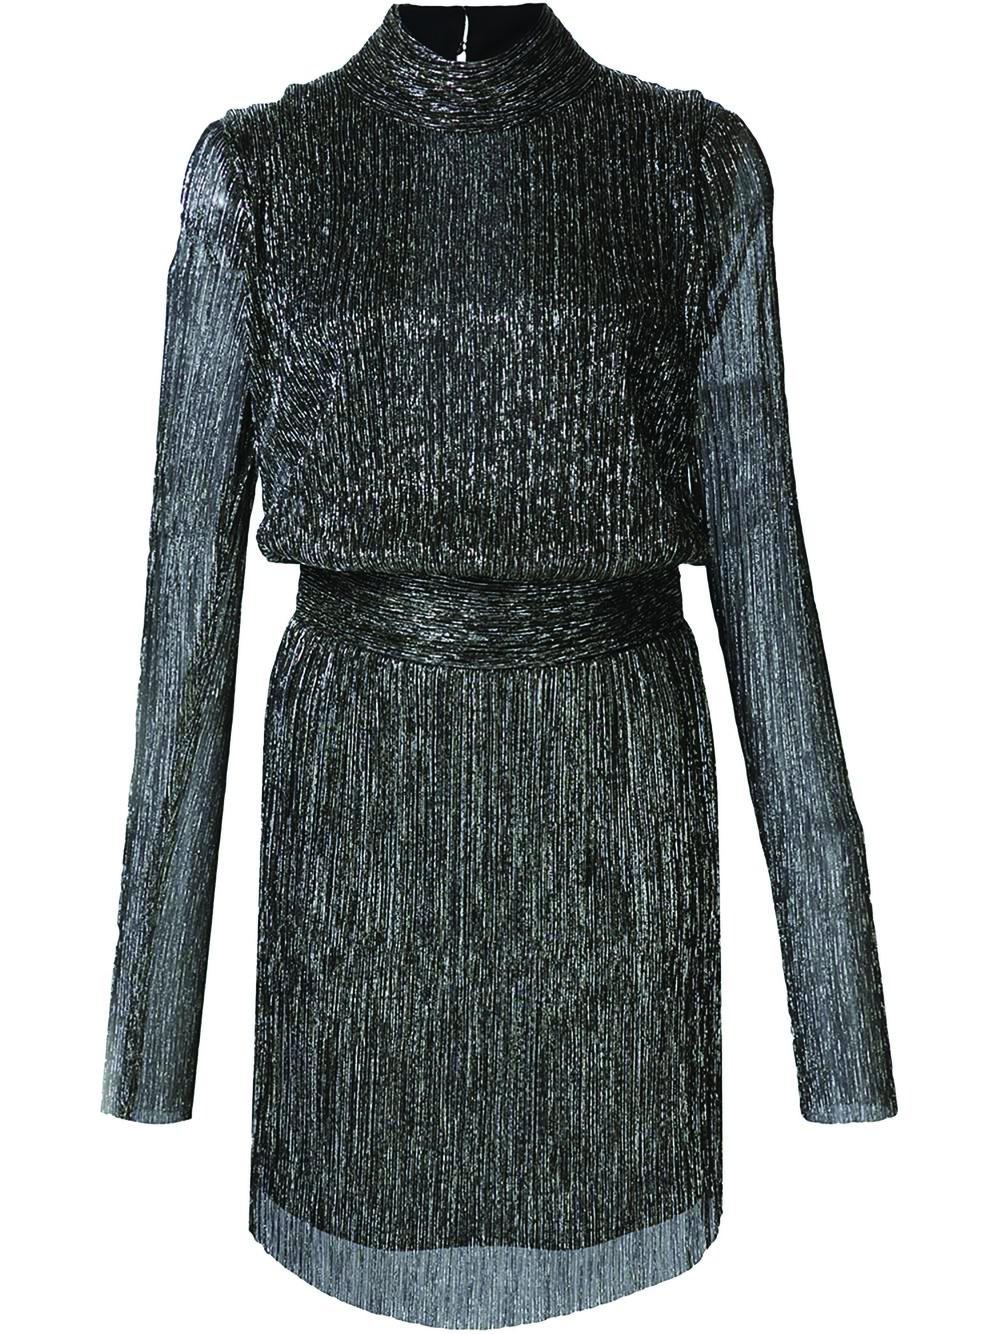 瑞貝卡瓦朗斯迷你裙 $523.23